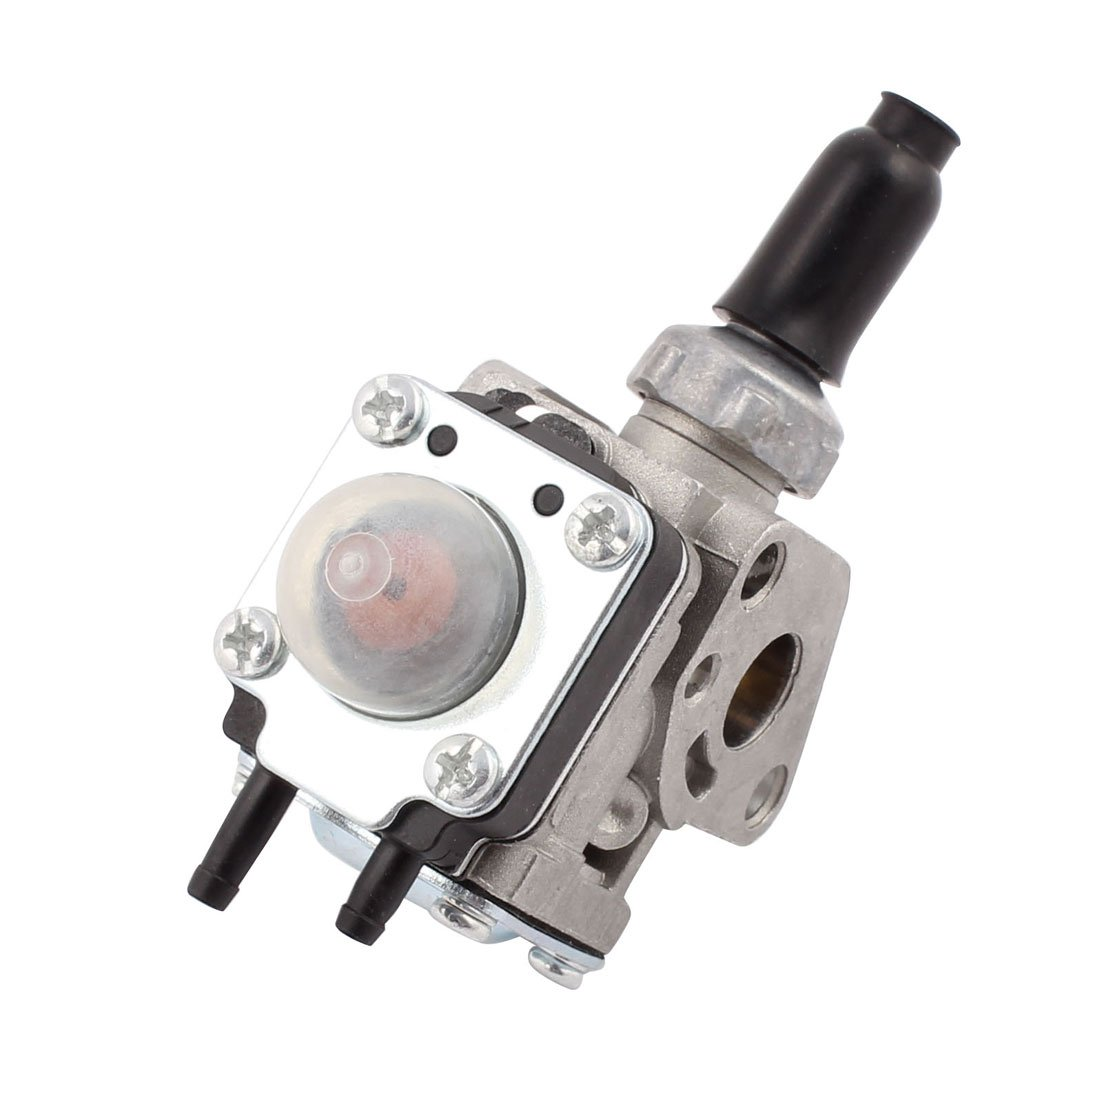 sourcing map carburador para Kawasaki Motosierra Piezas Segadora TH43 TH48 Carburador: Amazon.es: Jardín